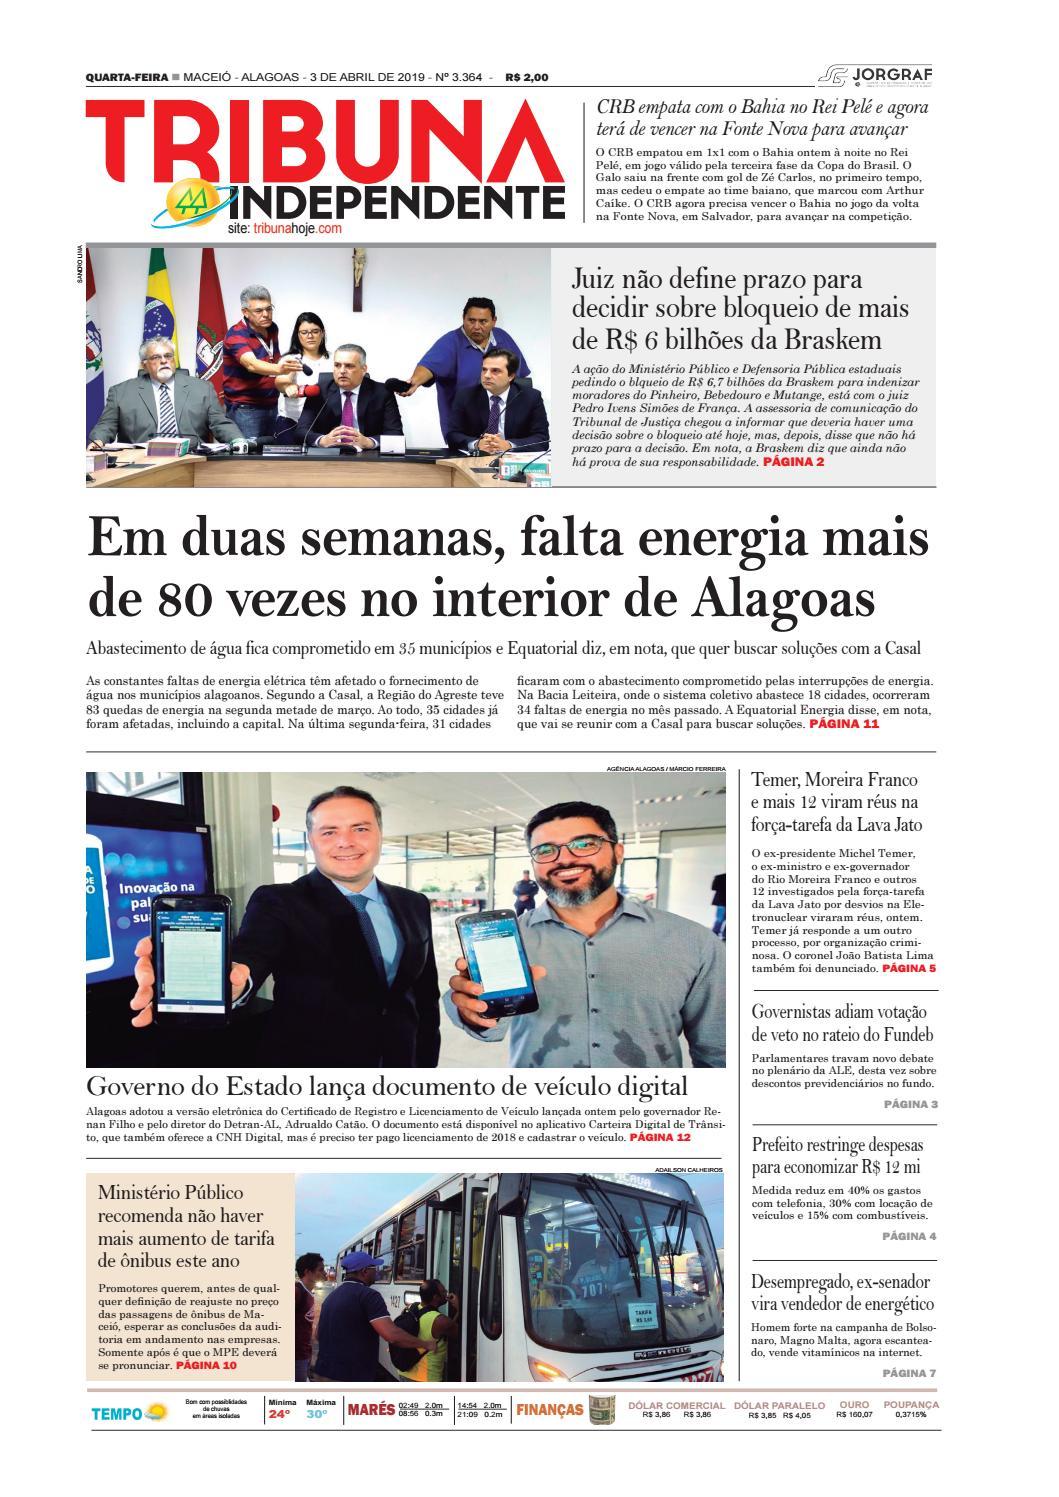 5133d1eba Edição número 3364 – 03 de abril de 2019 by Tribuna Hoje - issuu